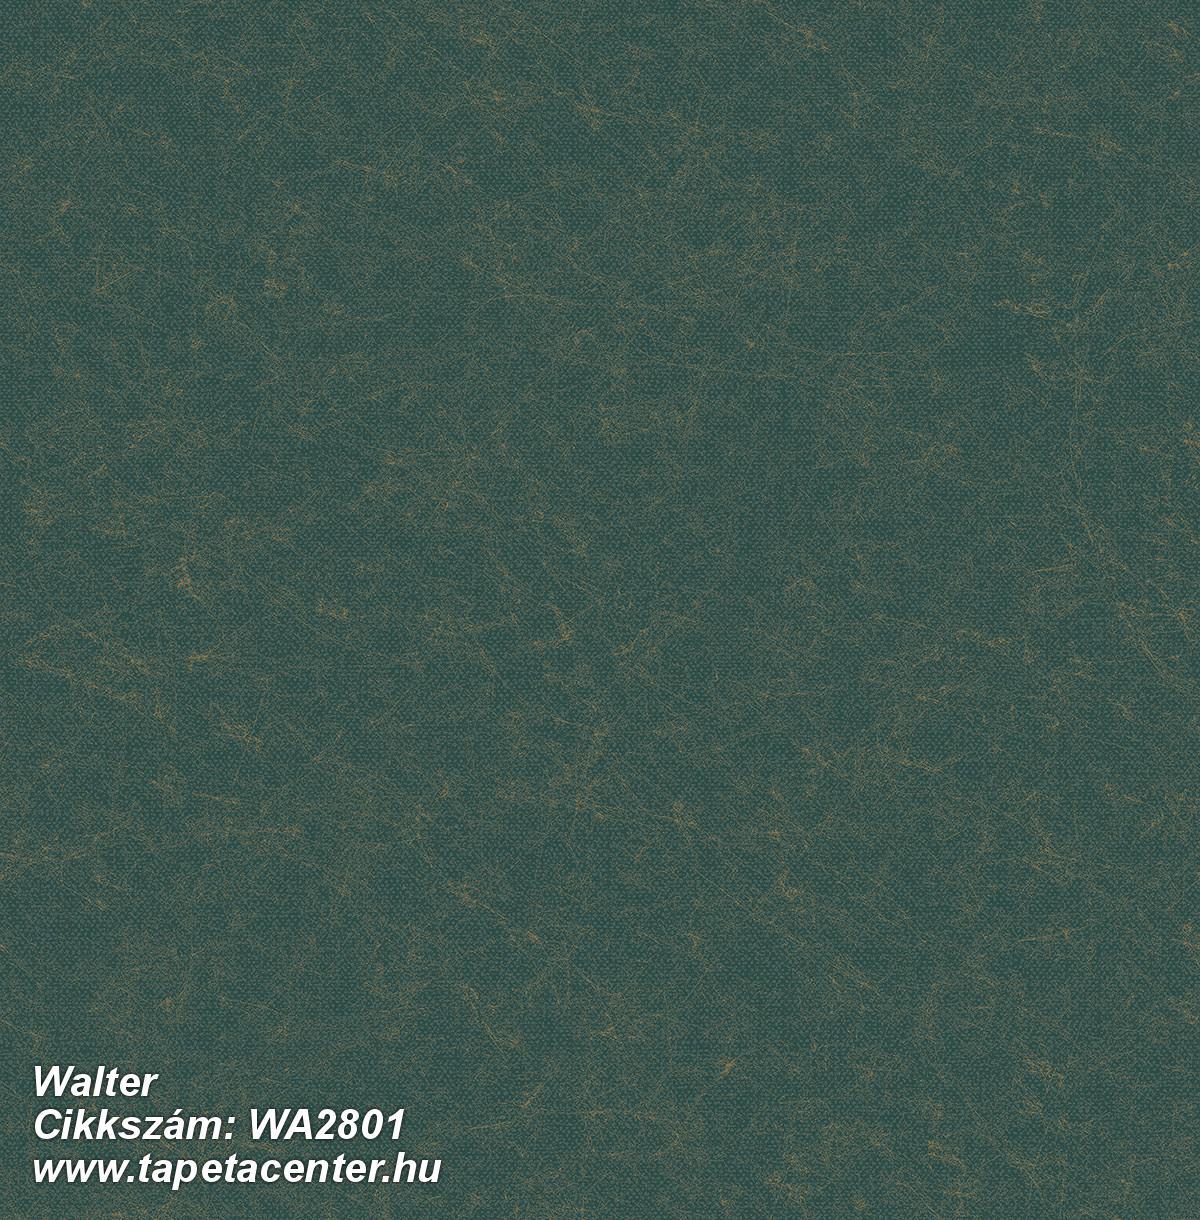 Egyszínű,különleges felületű,arany,zöld,gyengén mosható,illesztés mentes,vlies tapéta